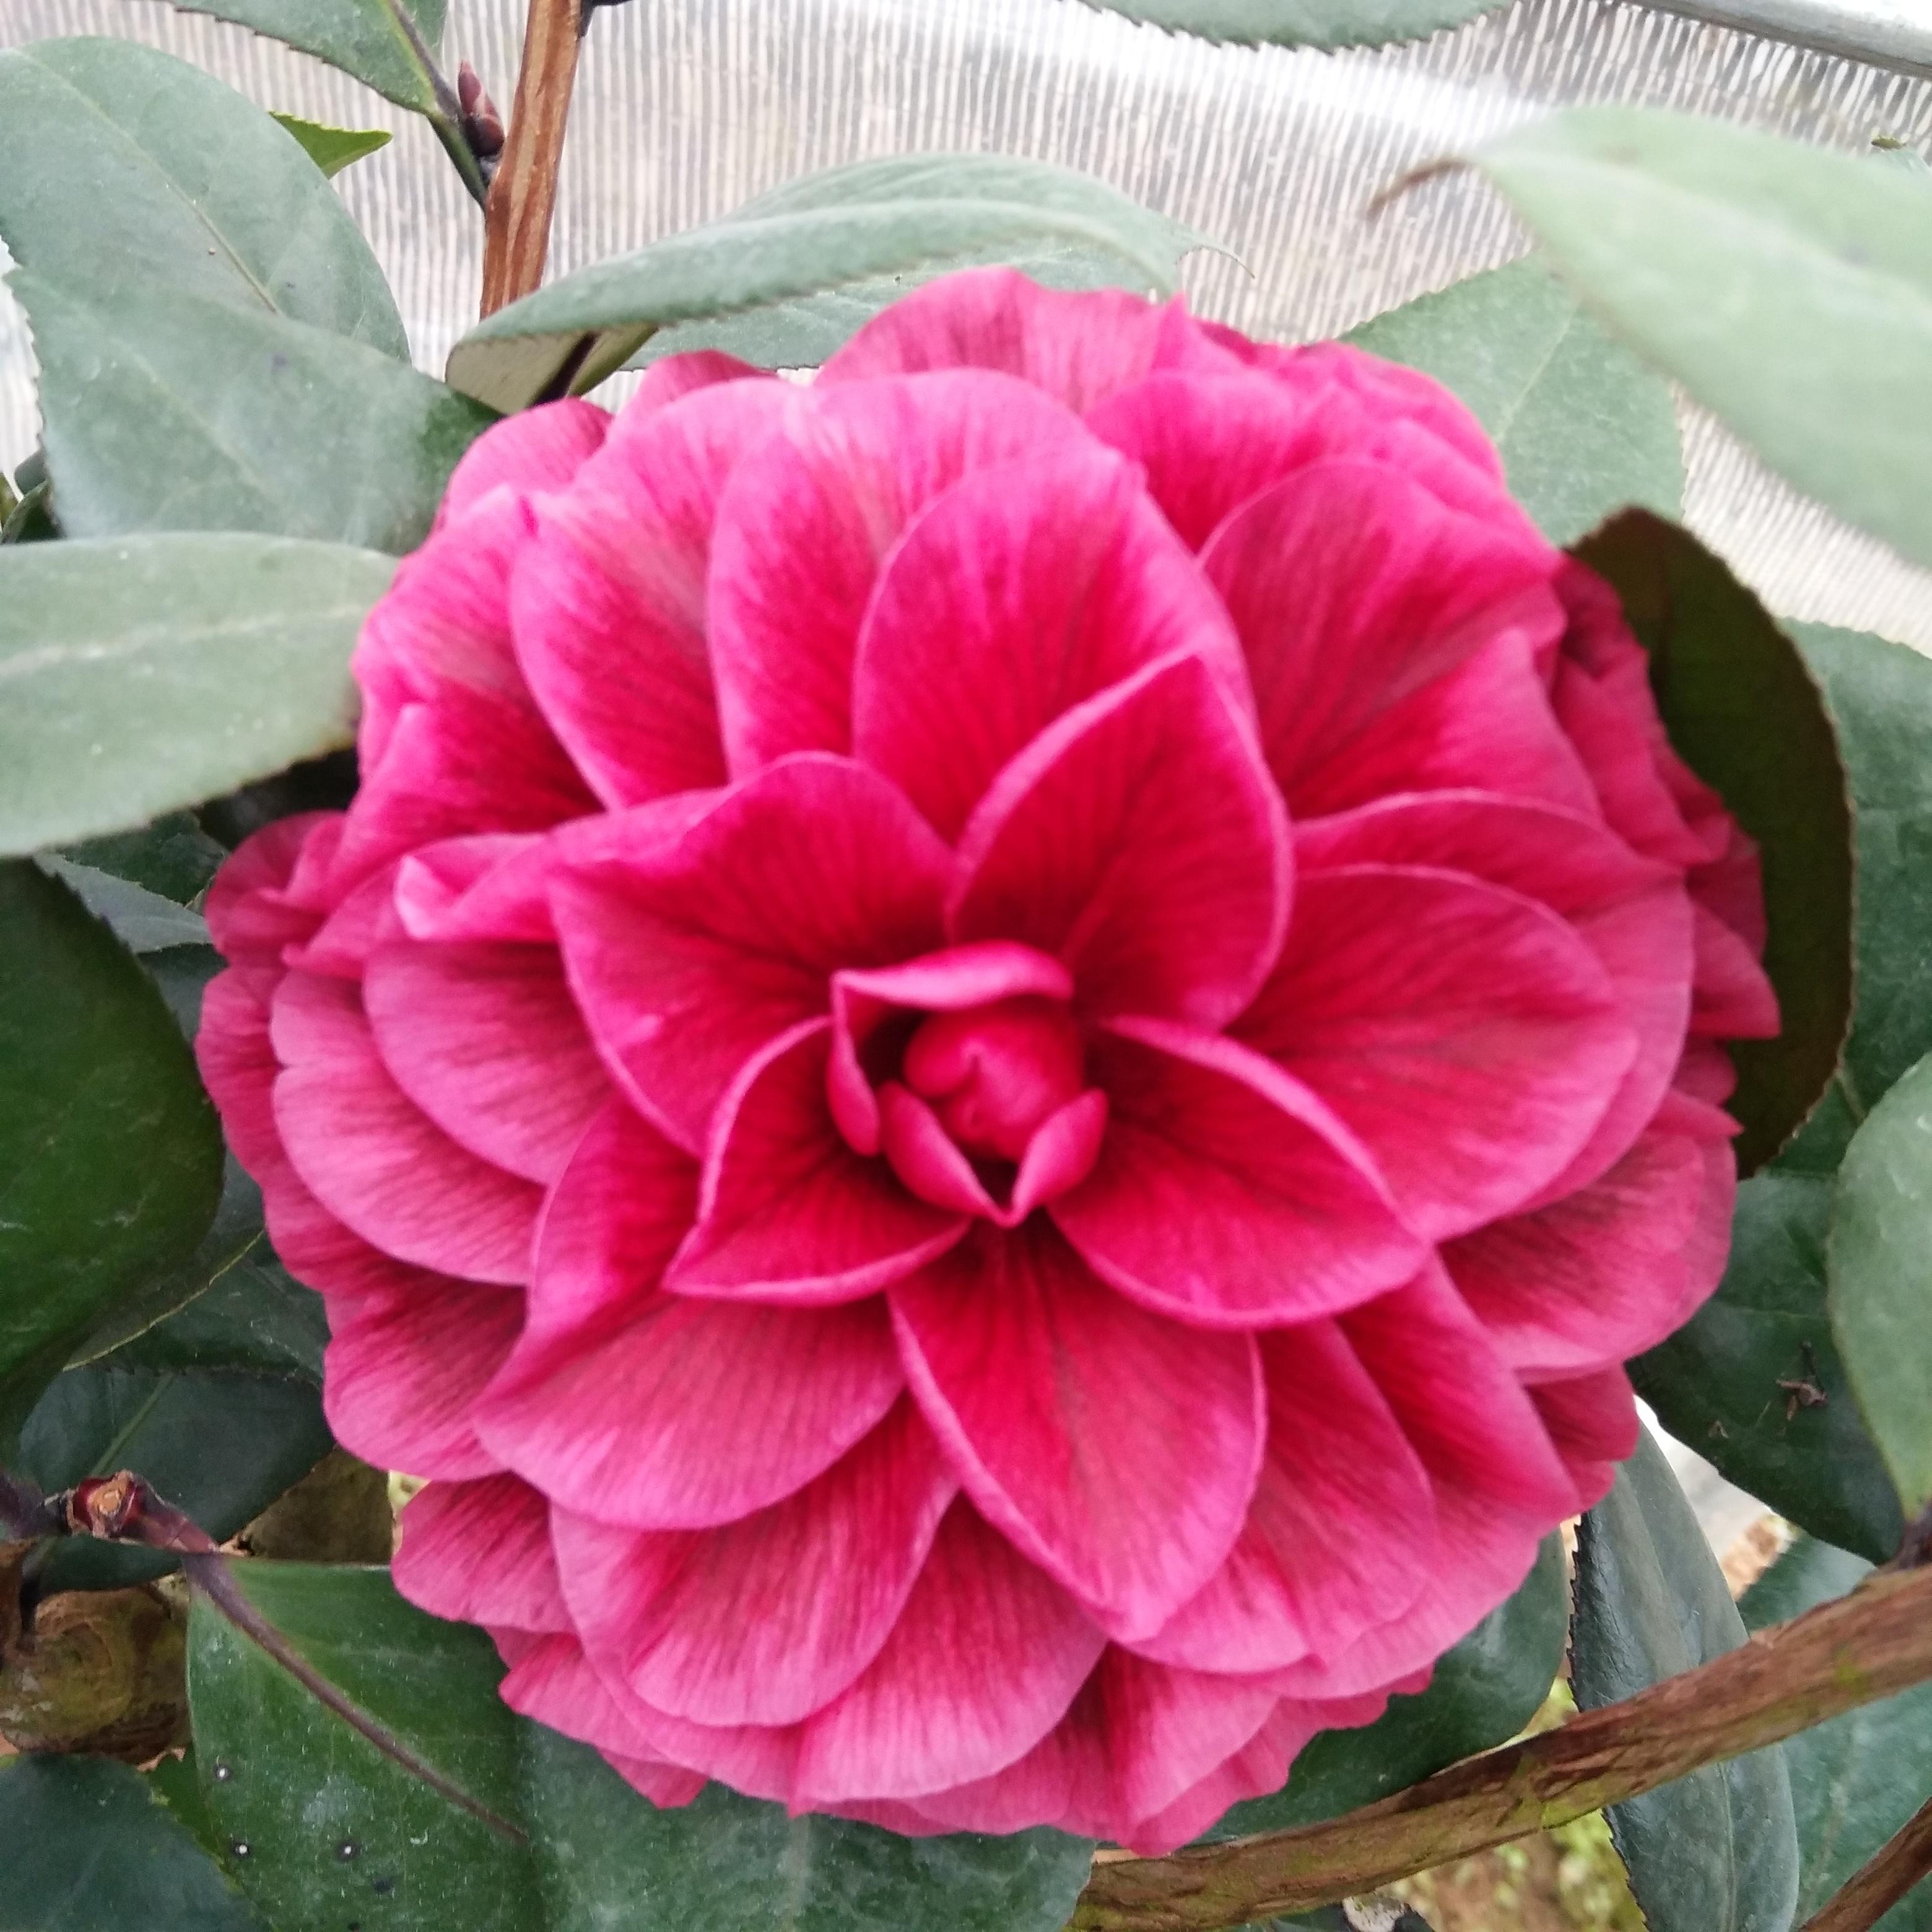 红叶贝拉茶花树苗 好养的花室内庭院阳台观叶赏花植物图片